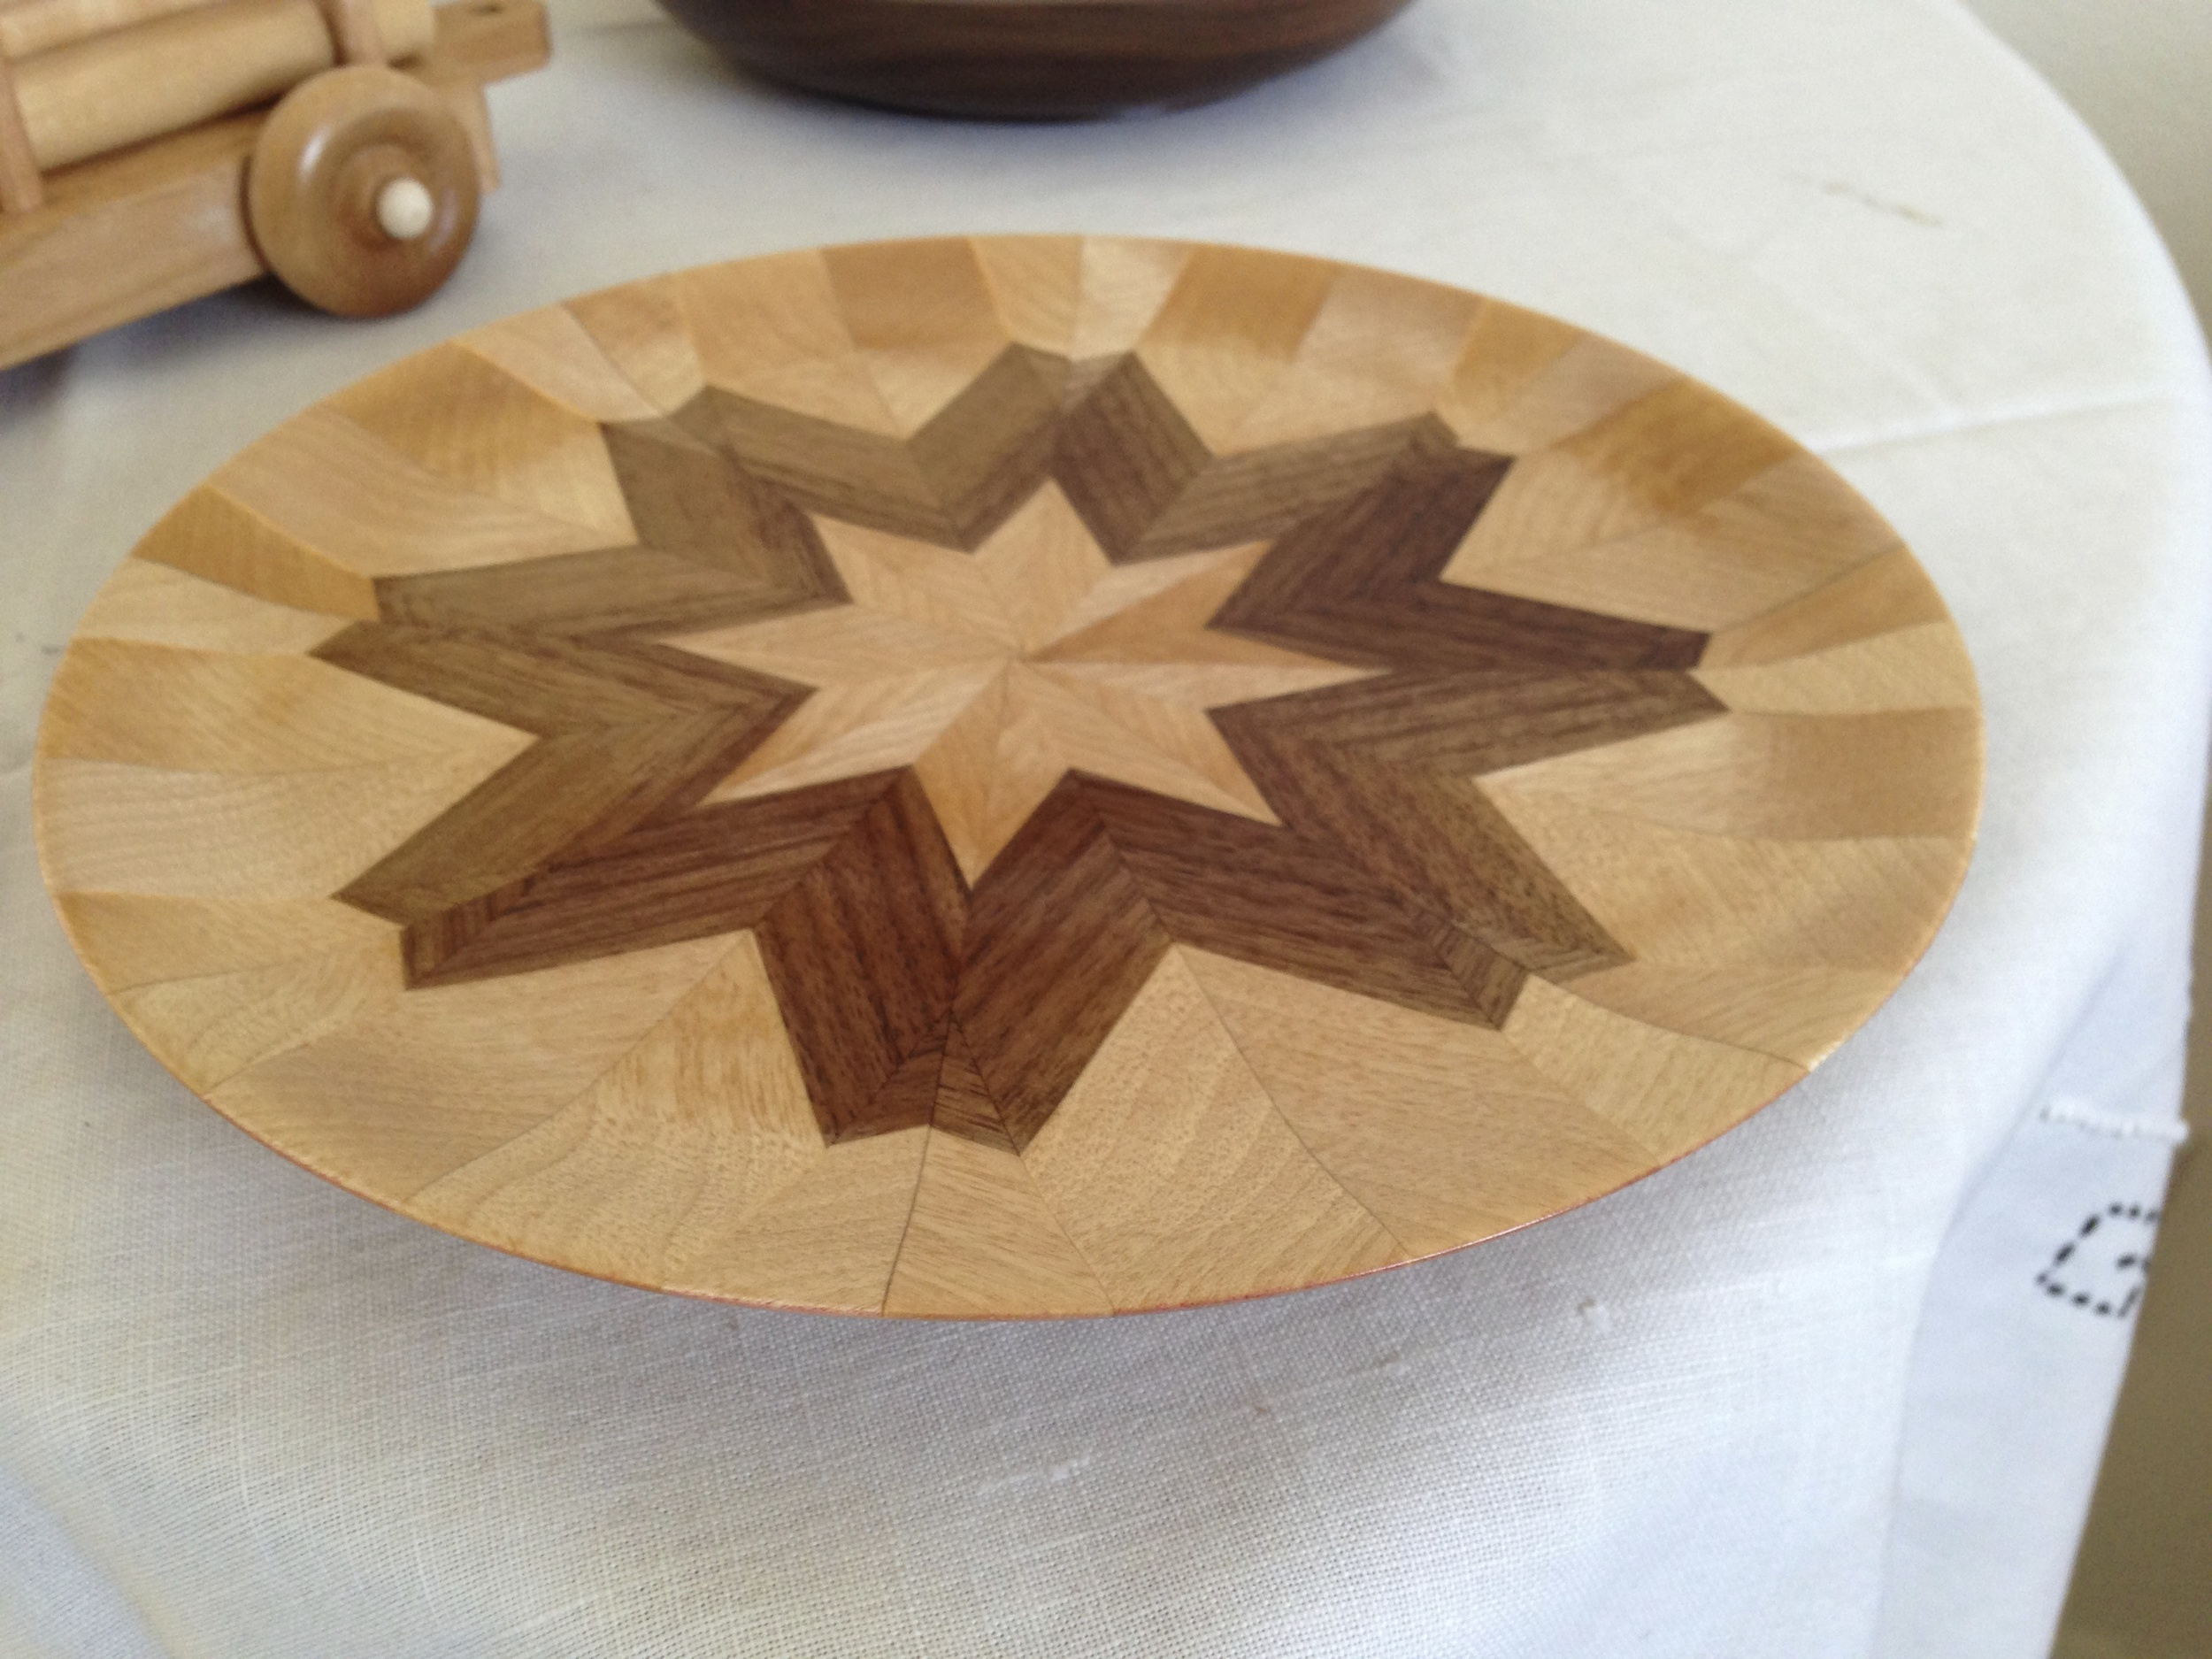 Segmented Walnut and Birch Plate